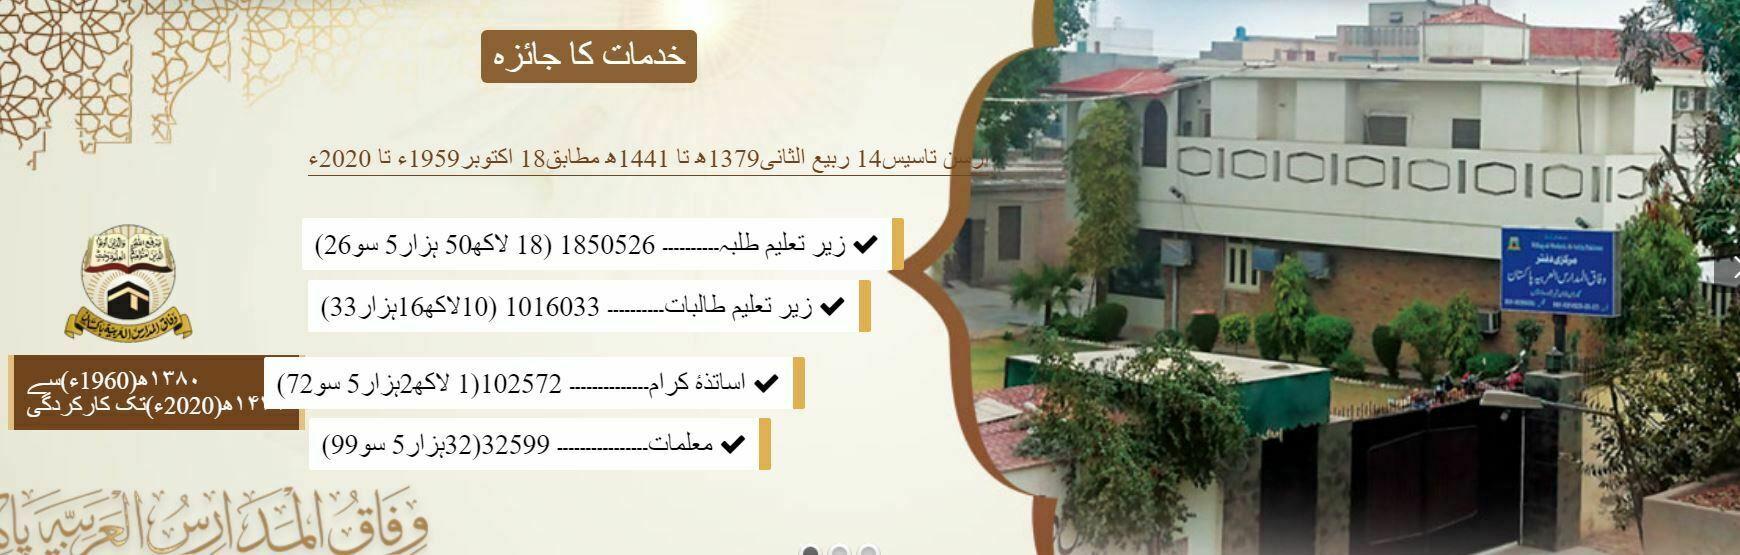 Wafaq Ul Madaris Al Arabia Pakistan Result 2021 1442 Hijri